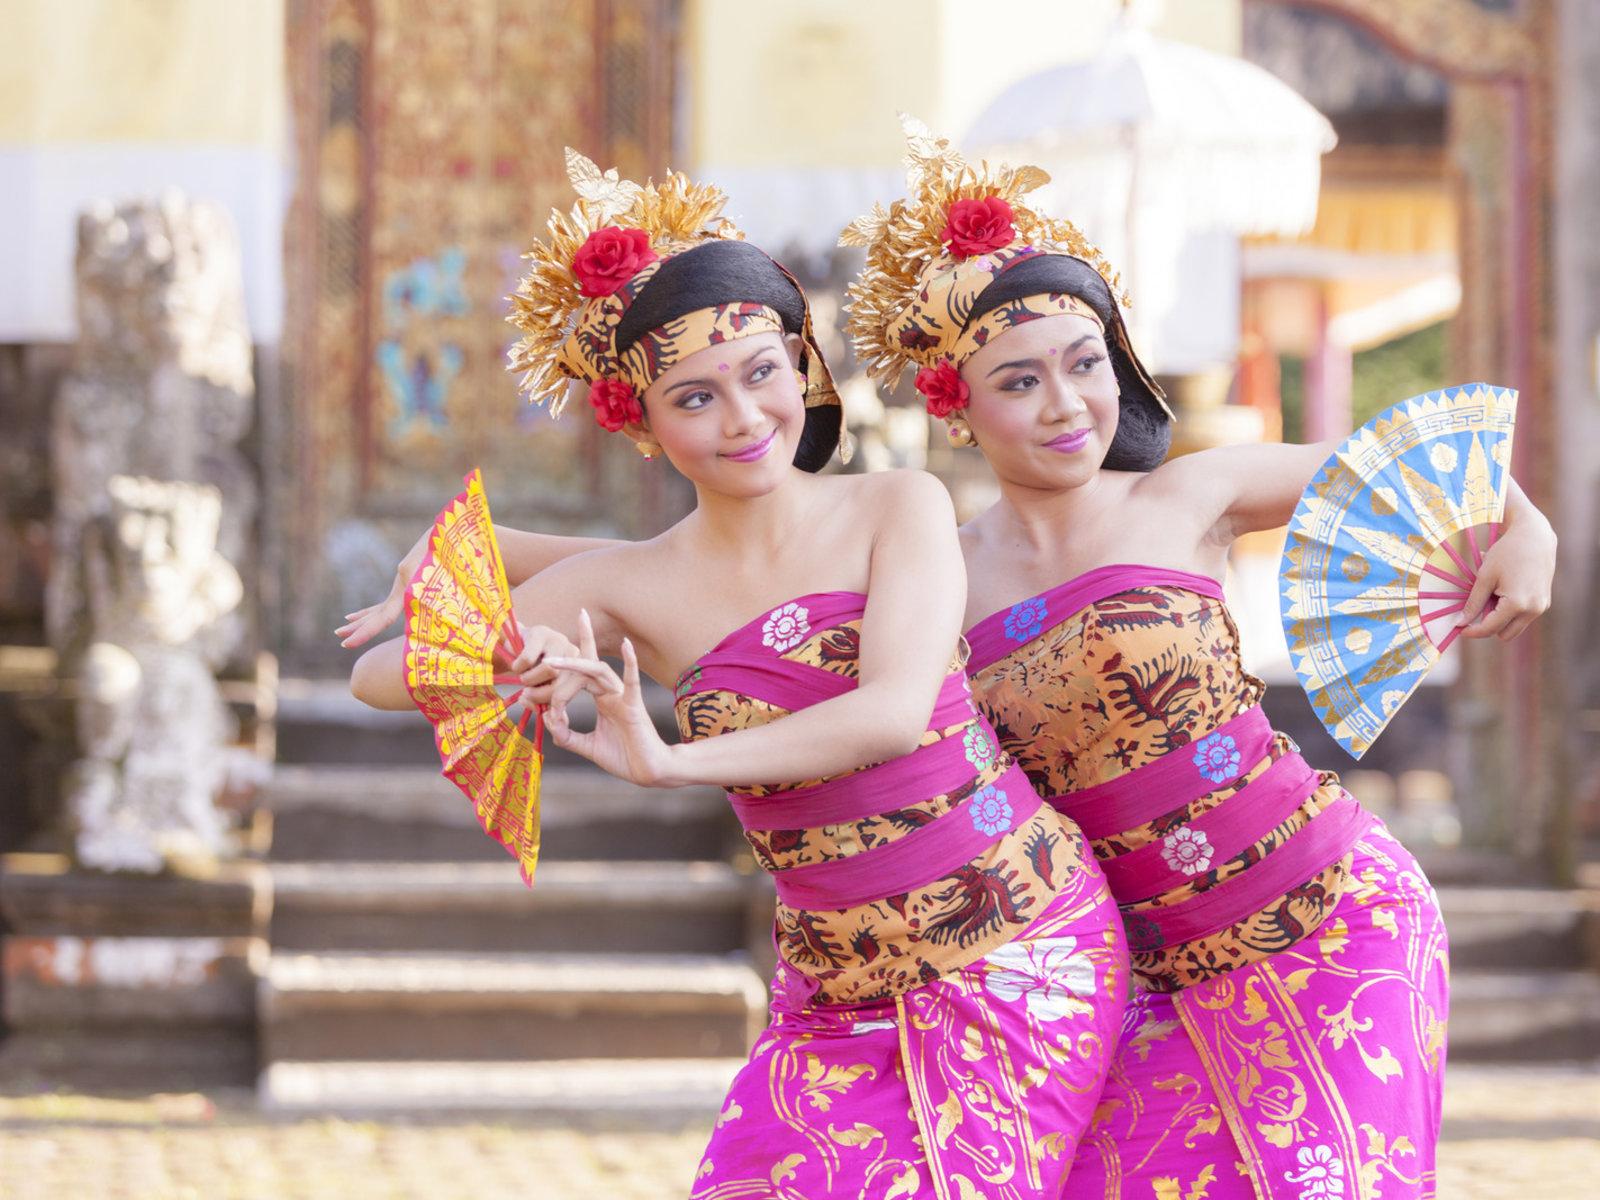 traditioneller indonesischer Tanz